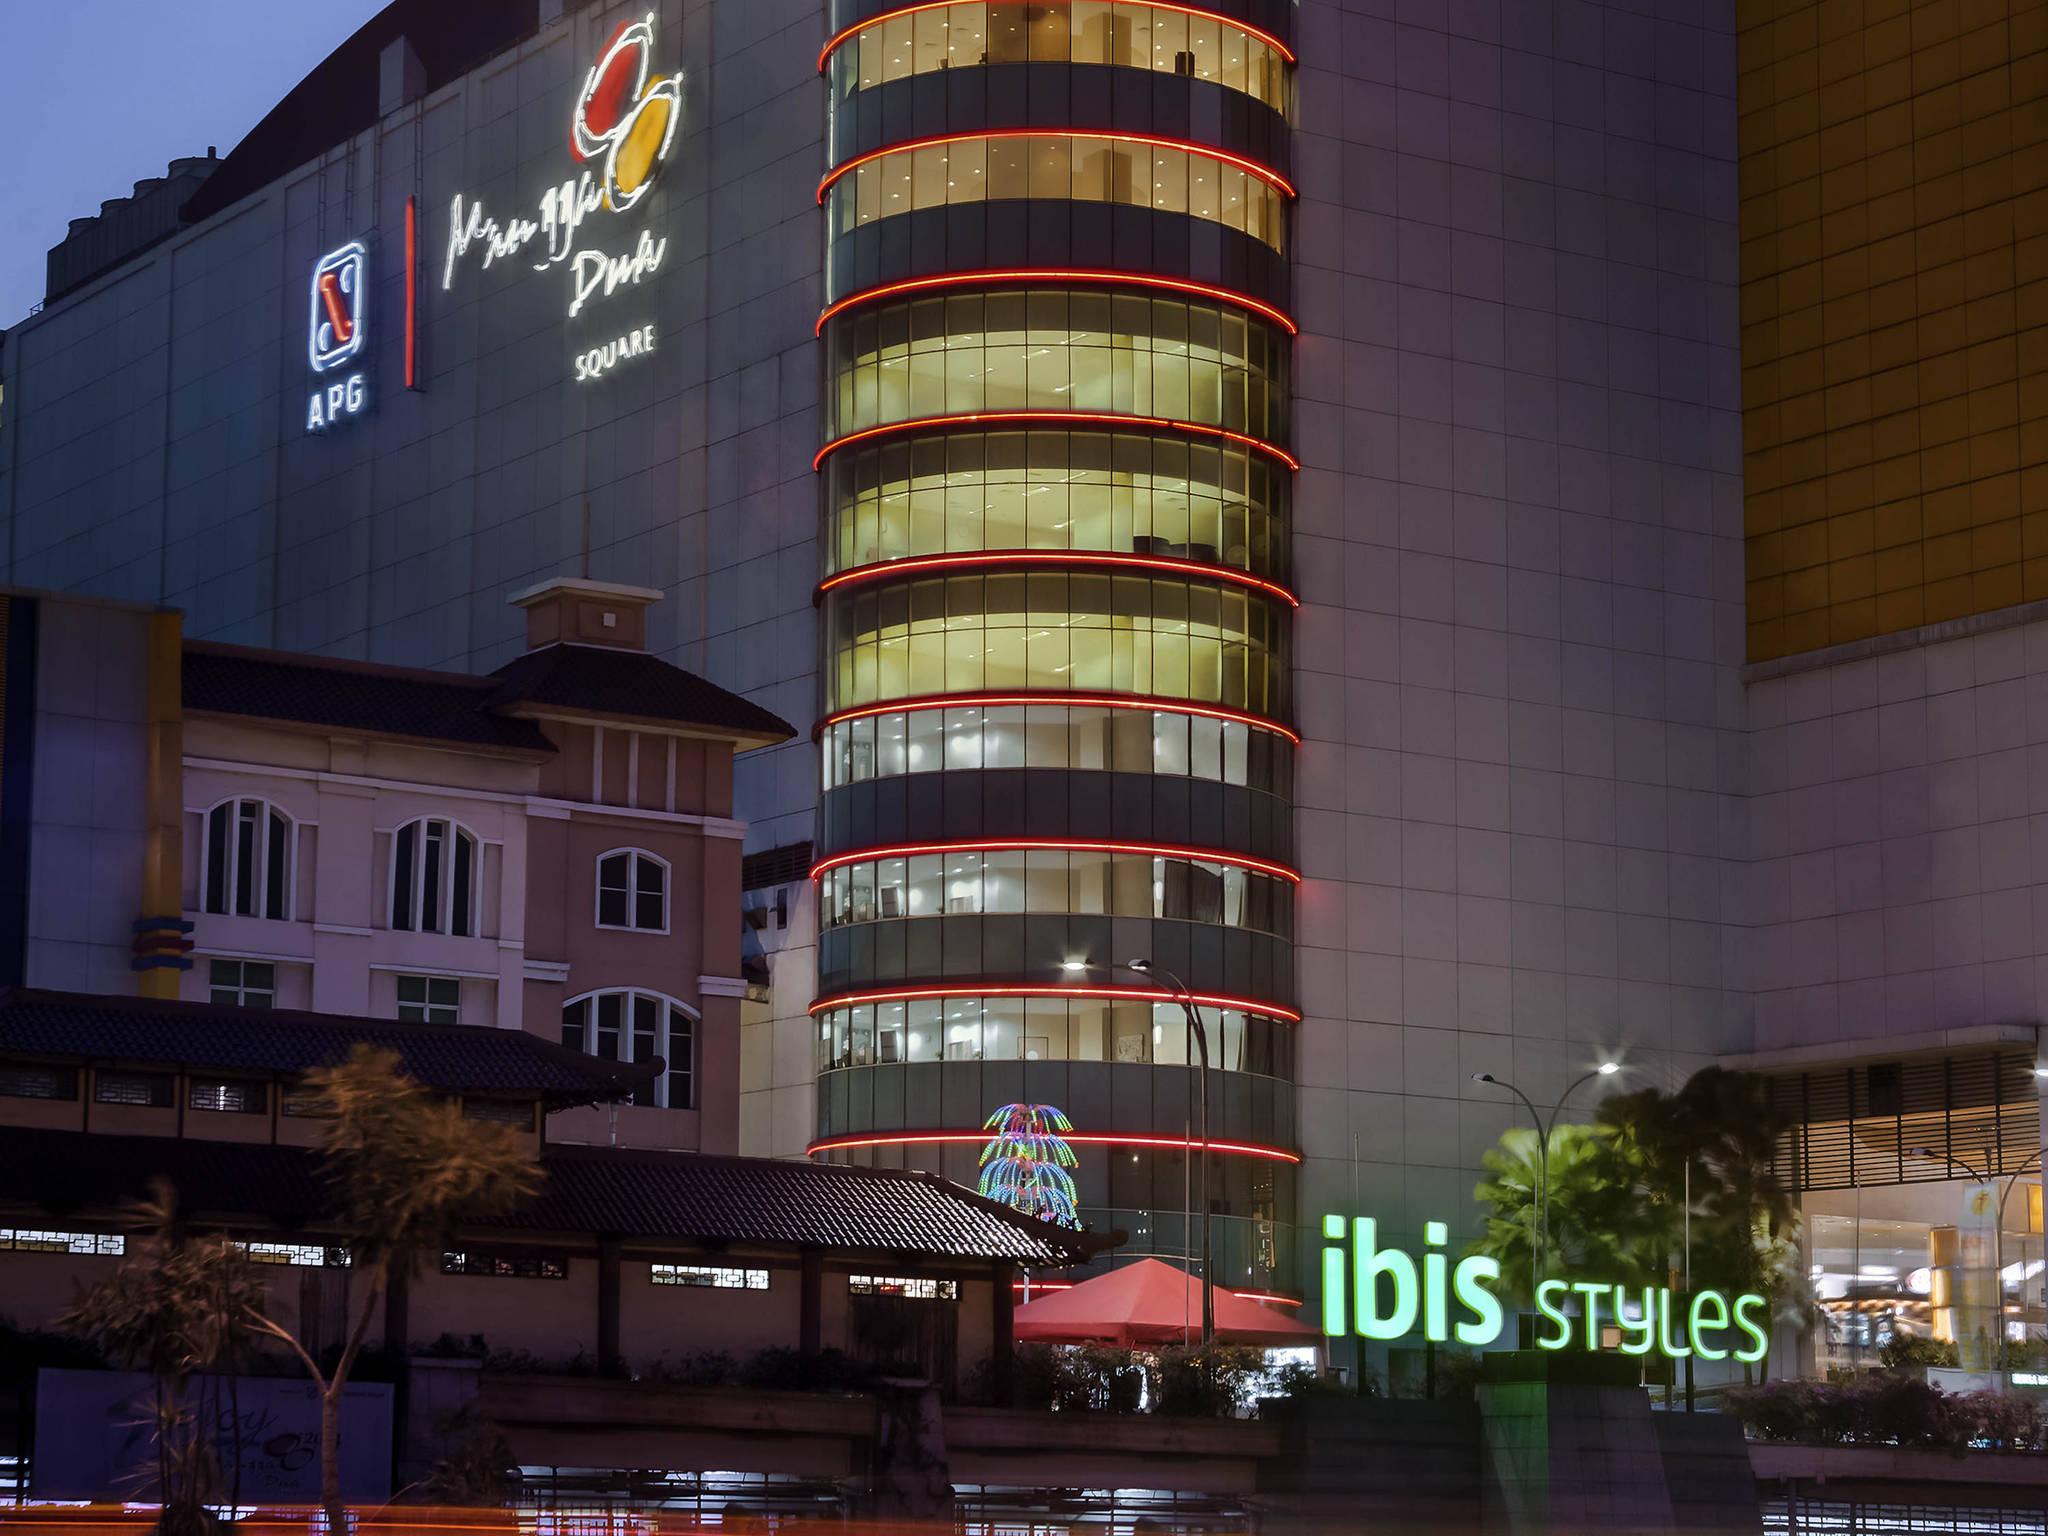 Ibis Style Hotel Mangga Dua